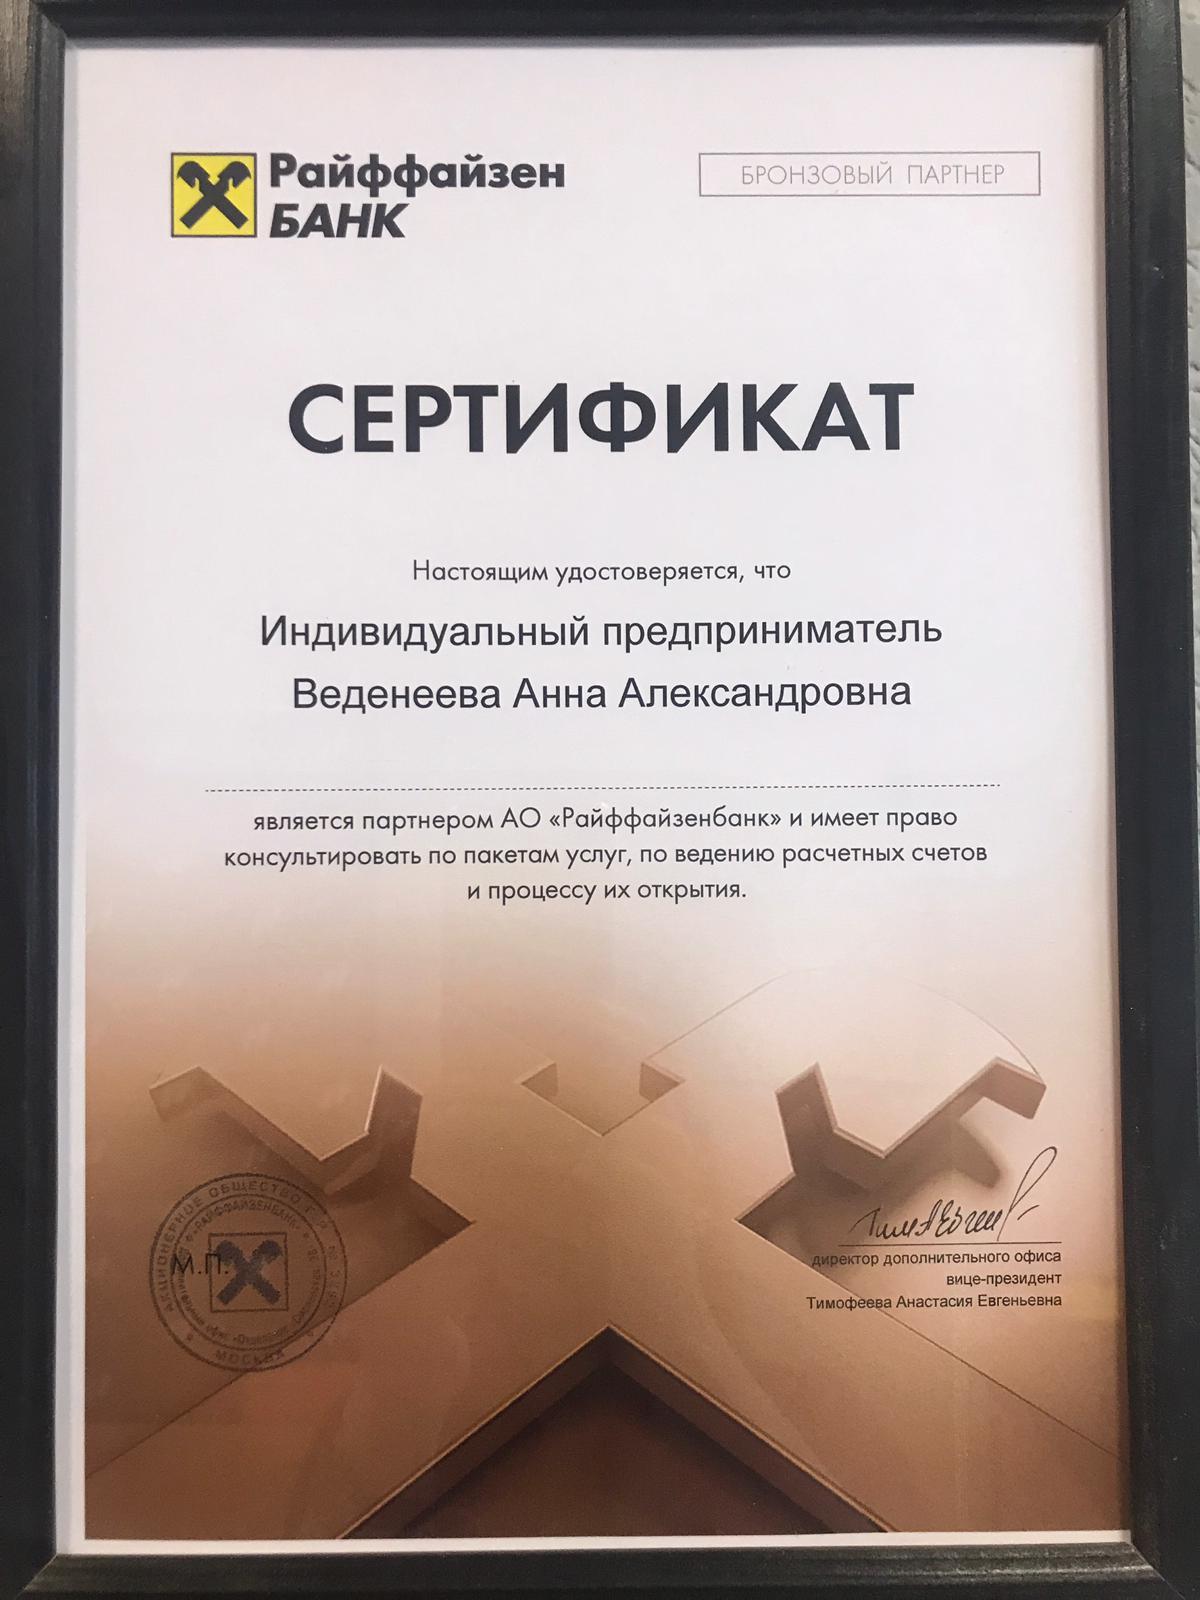 Сертификат Райффайзен Банка